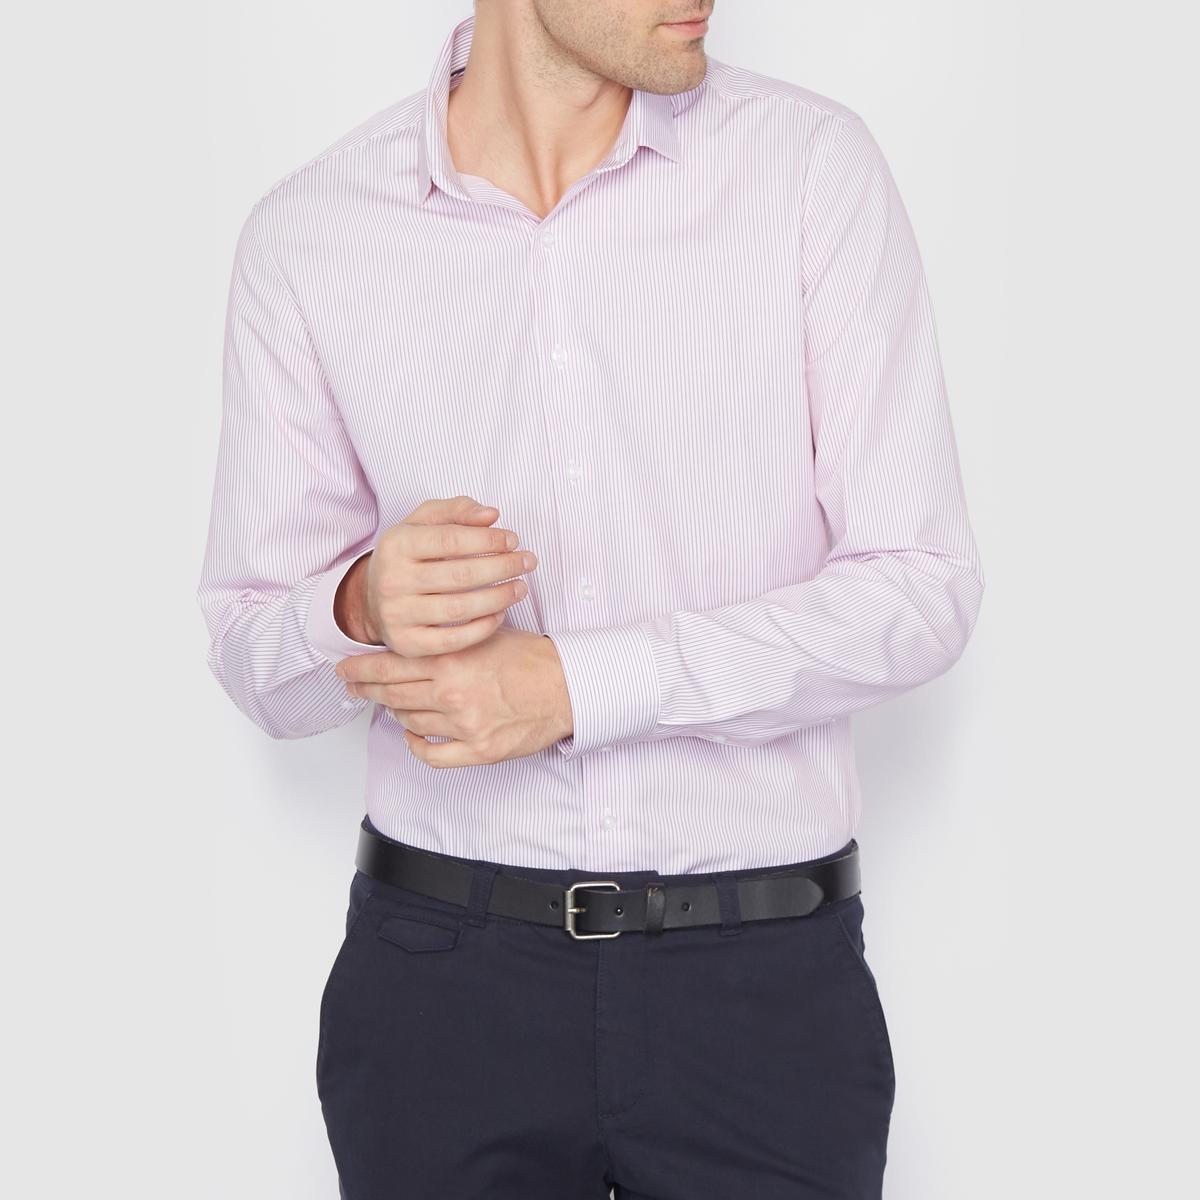 Рубашка в полоску стандартного покроя. Длинные рукаваРубашка из поплина, 100% хлопка . Стандартный (прямой) покрой . Свободные уголки воротника  . Длинные рукава . Длина 77 см .<br><br>Цвет: в полоску/розовый<br>Размер: 47/48